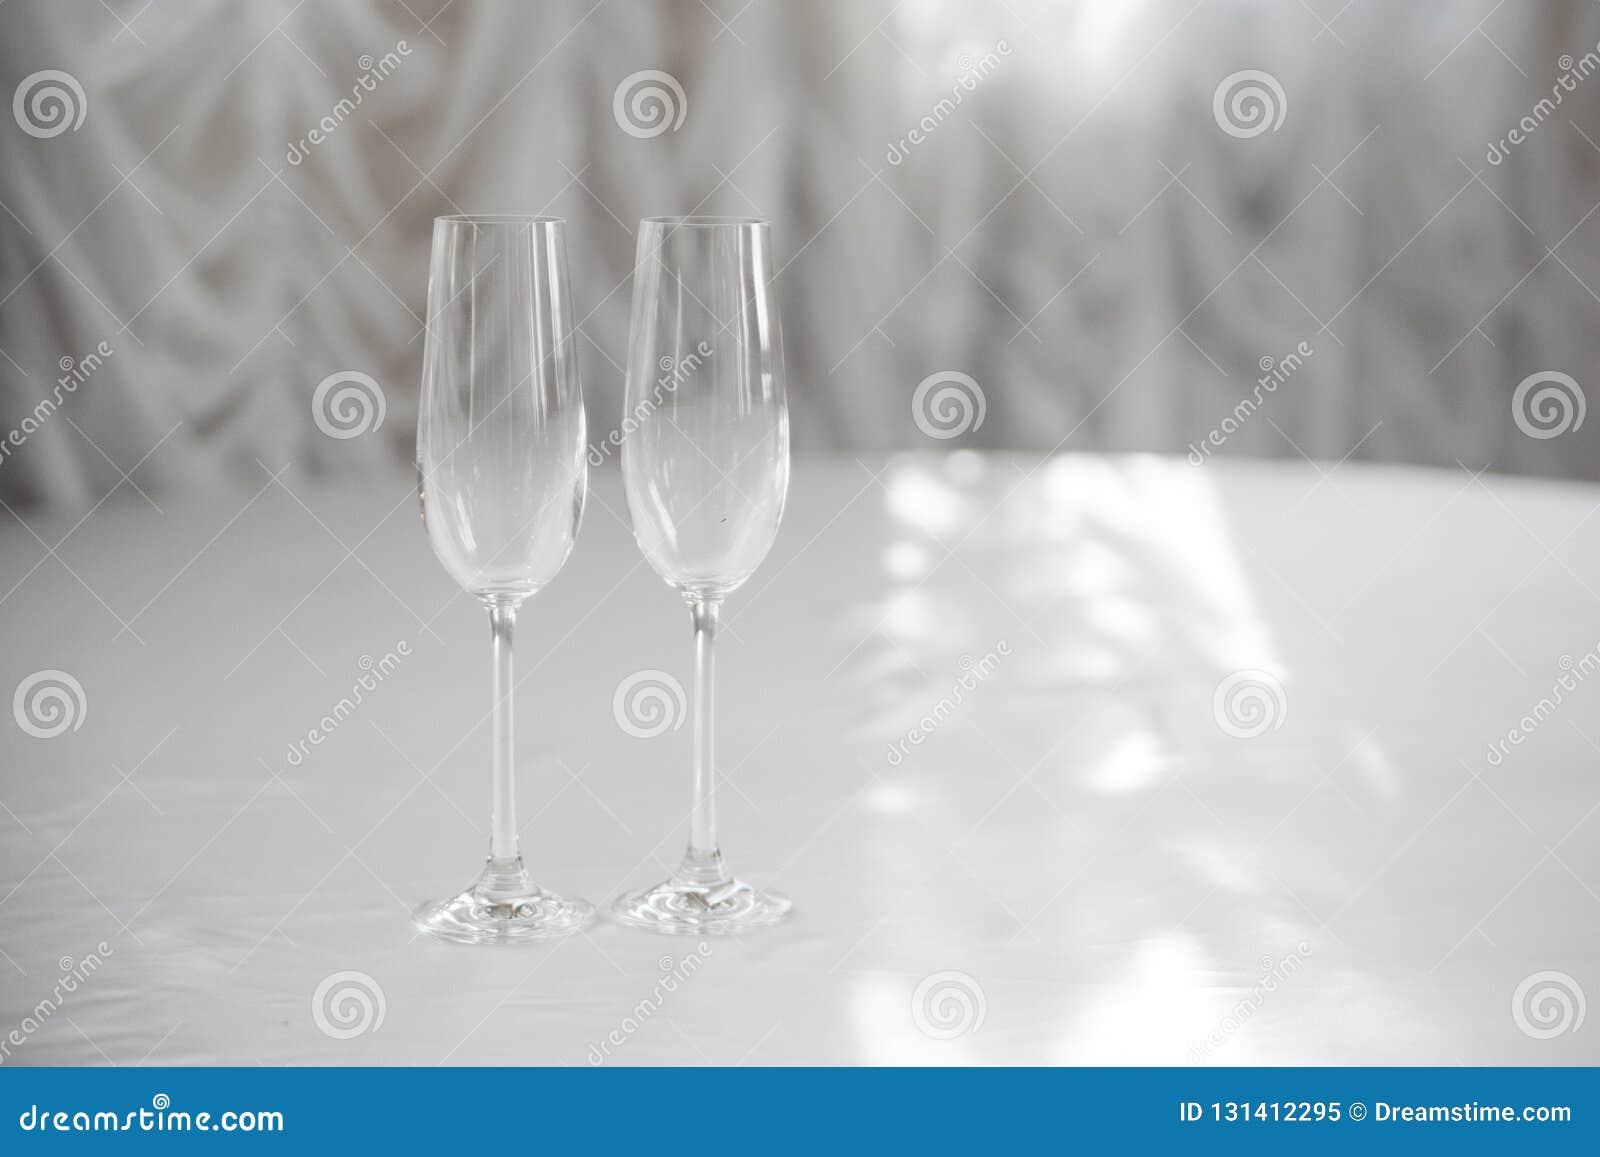 Leere Champagnergläser auf einer weißen Tischdecke vor dem hintergrund der weißen Vorhänge in der Hintergrundbeleuchtung